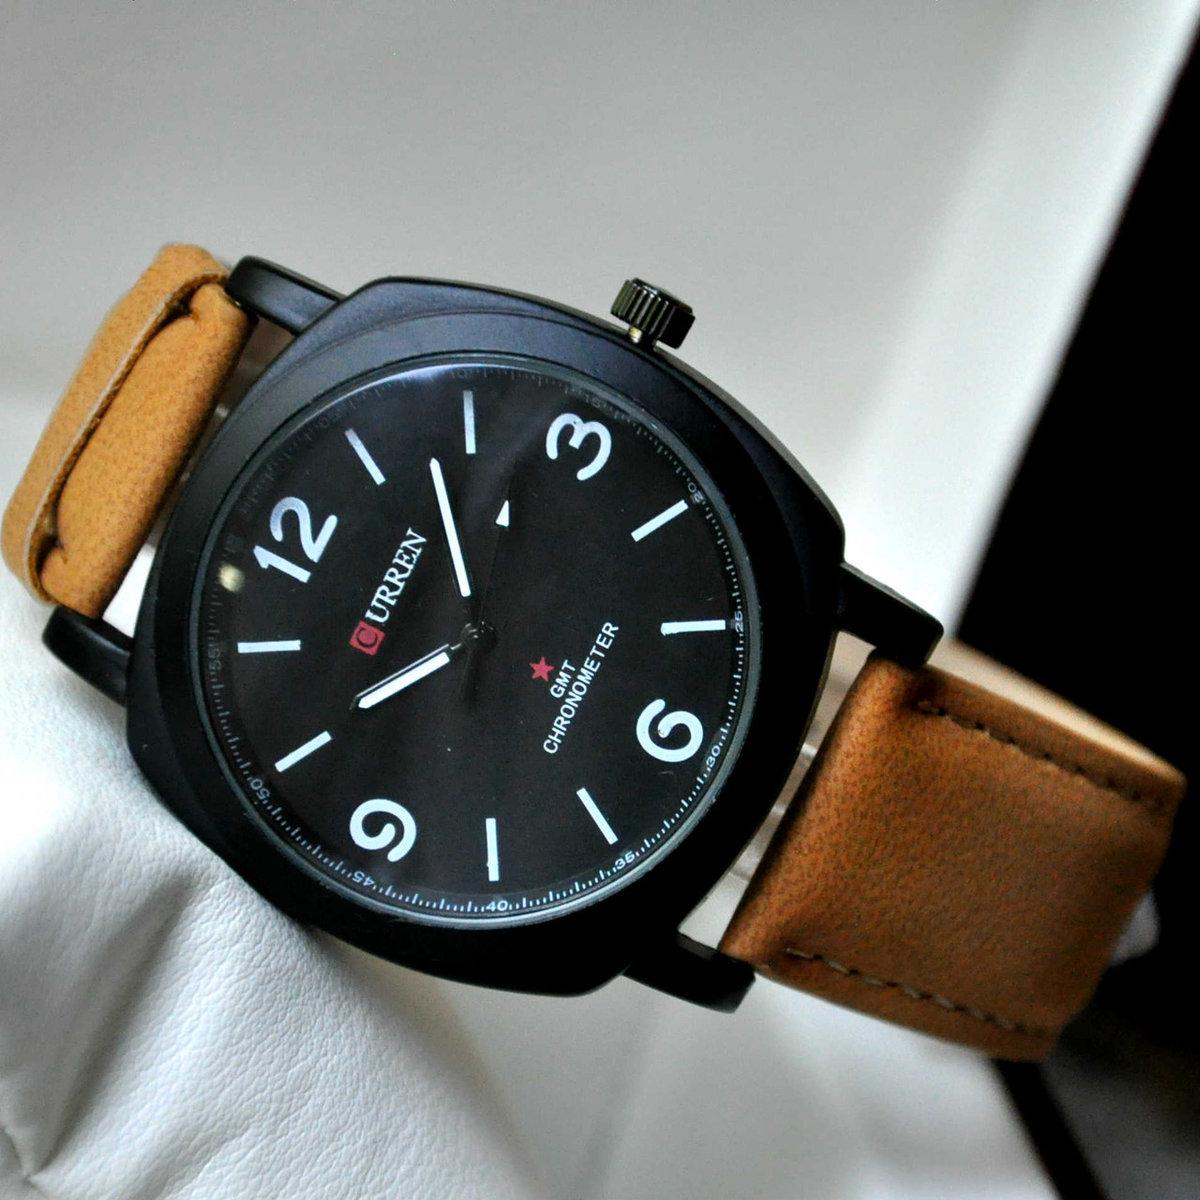 Лучший бренд класса люкс многофункциональные спортивные часы для мужчин кварцевые часы мужской черный кожаный ремешок автоматические часы.